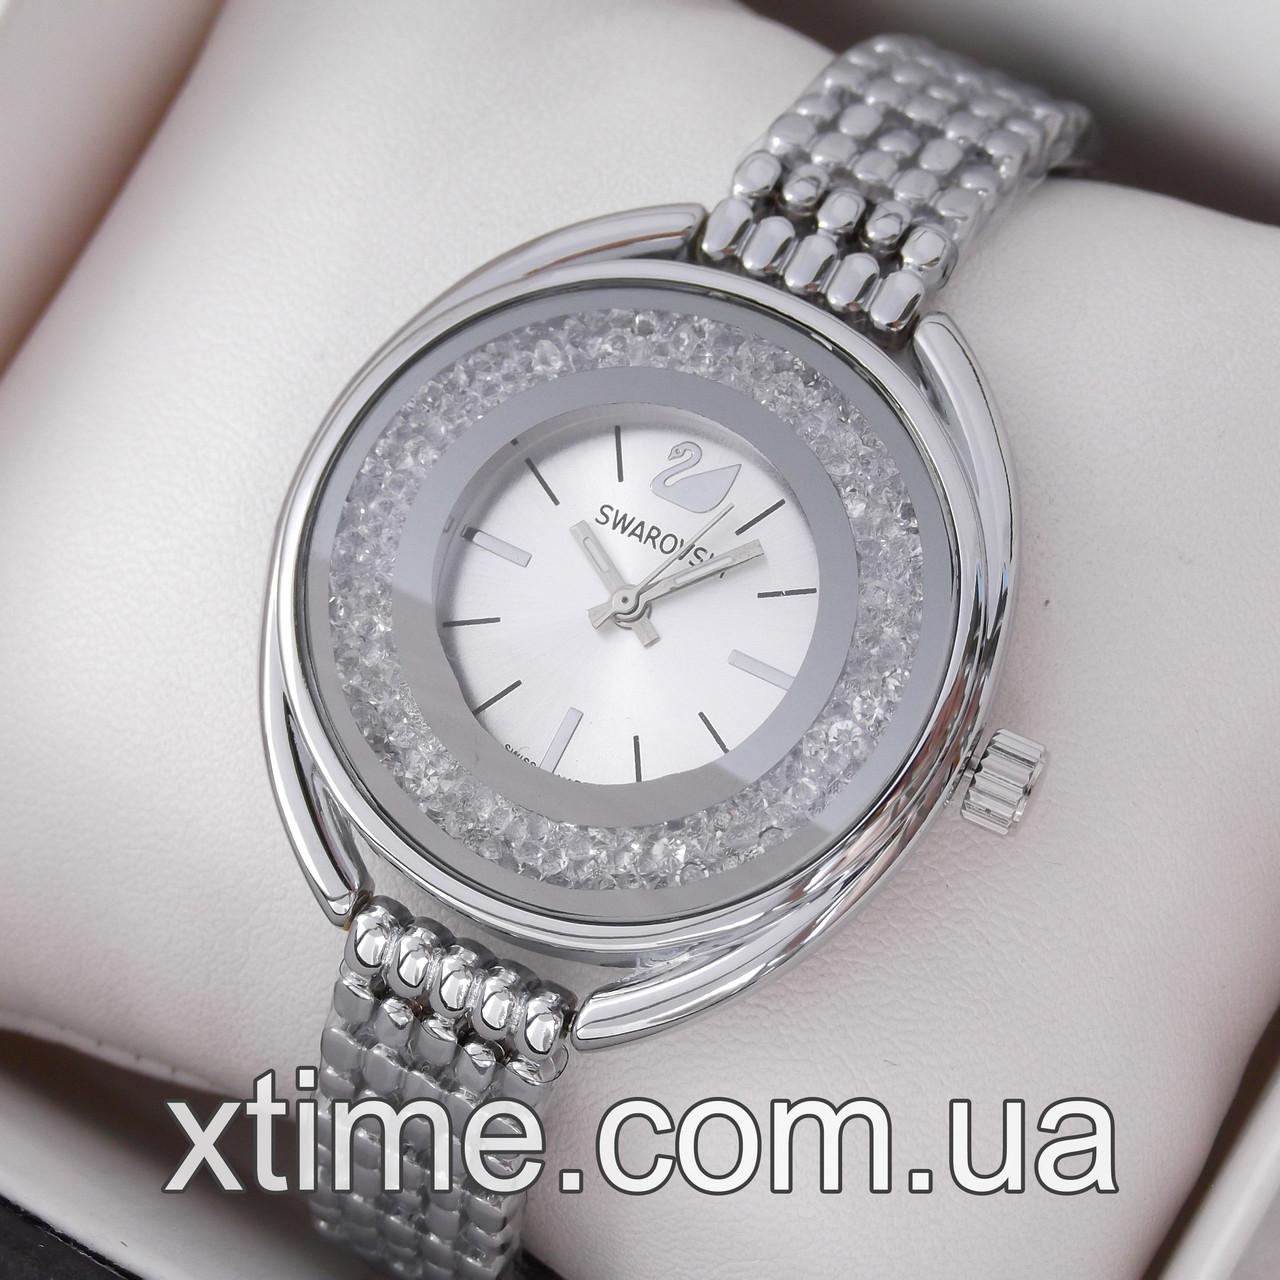 dd5f4437 Женские наручные часы Swarovski 6814 - Интернет-магазин X-Time в Харькове